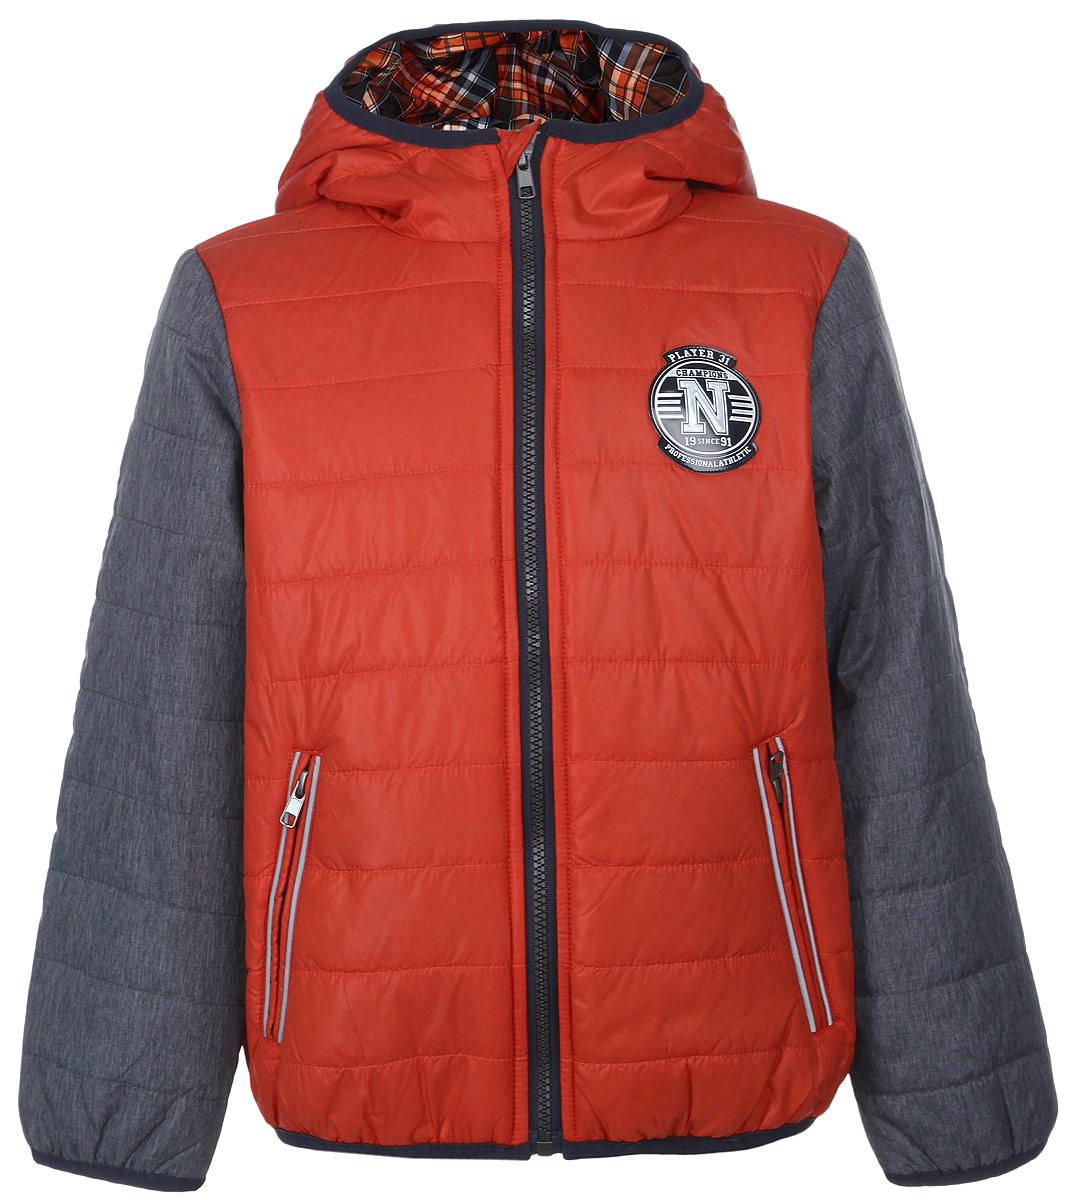 Cp-826/215-6102Яркая куртка для мальчика Sela идеально подойдет вашему ребенку в прохладную погоду. Модель изготовлена из нейлона на подкладке из полиэстера, в качестве утеплителя используется тонкая прослойка синтепона. Благодаря своему составу, куртка очень легкая, максимально удерживает тепло, отлично сохраняет свой внешний вид даже при многократных стирках, быстро сохнет. Куртка с капюшоном застегивается на пластиковую молнию с защитой подбородка и дополнительно имеет внутреннюю ветрозащитную планку. Капюшон не отстегивается, дополнен по краю скрытой эластичной резинкой. Спереди предусмотрены два прорезных кармана на застежках-молниях. По краям рукавов и по низу изделия проходит эластичная резинка. Куртка дополнена светоотражающими элементами для безопасности ребенка в темное время суток. Легкая, комфортная и теплая куртка идеально подойдет для прогулок и игр на свежем воздухе!